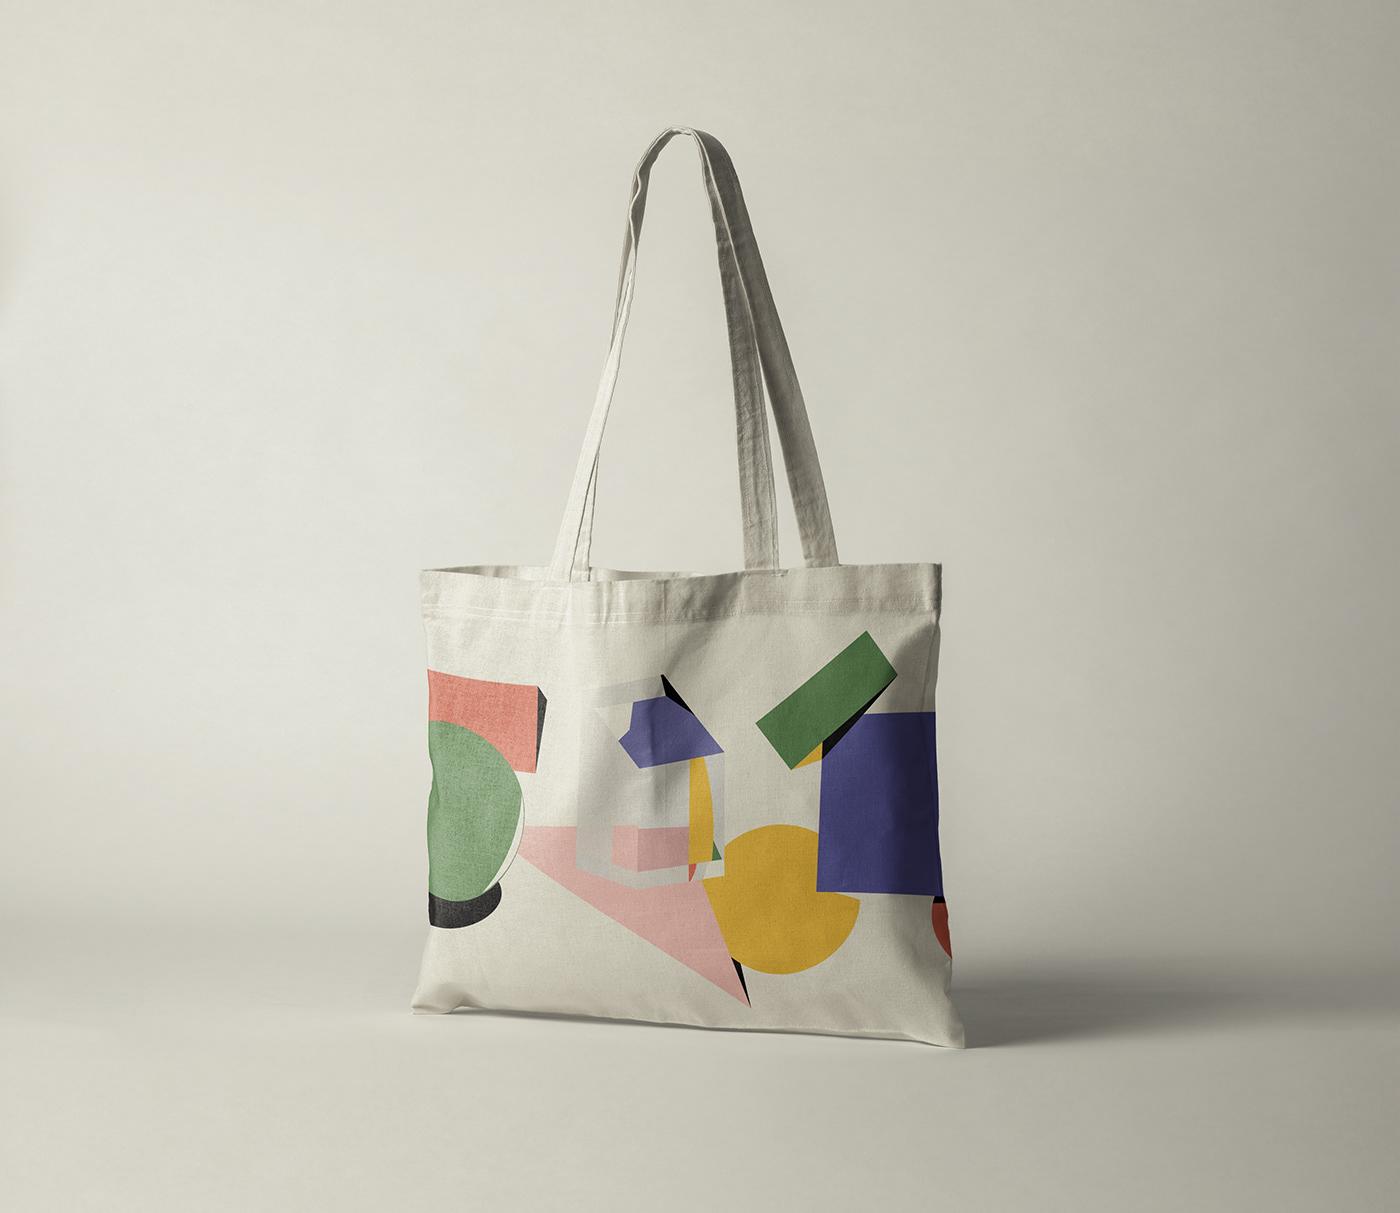 Image may contain: handbag